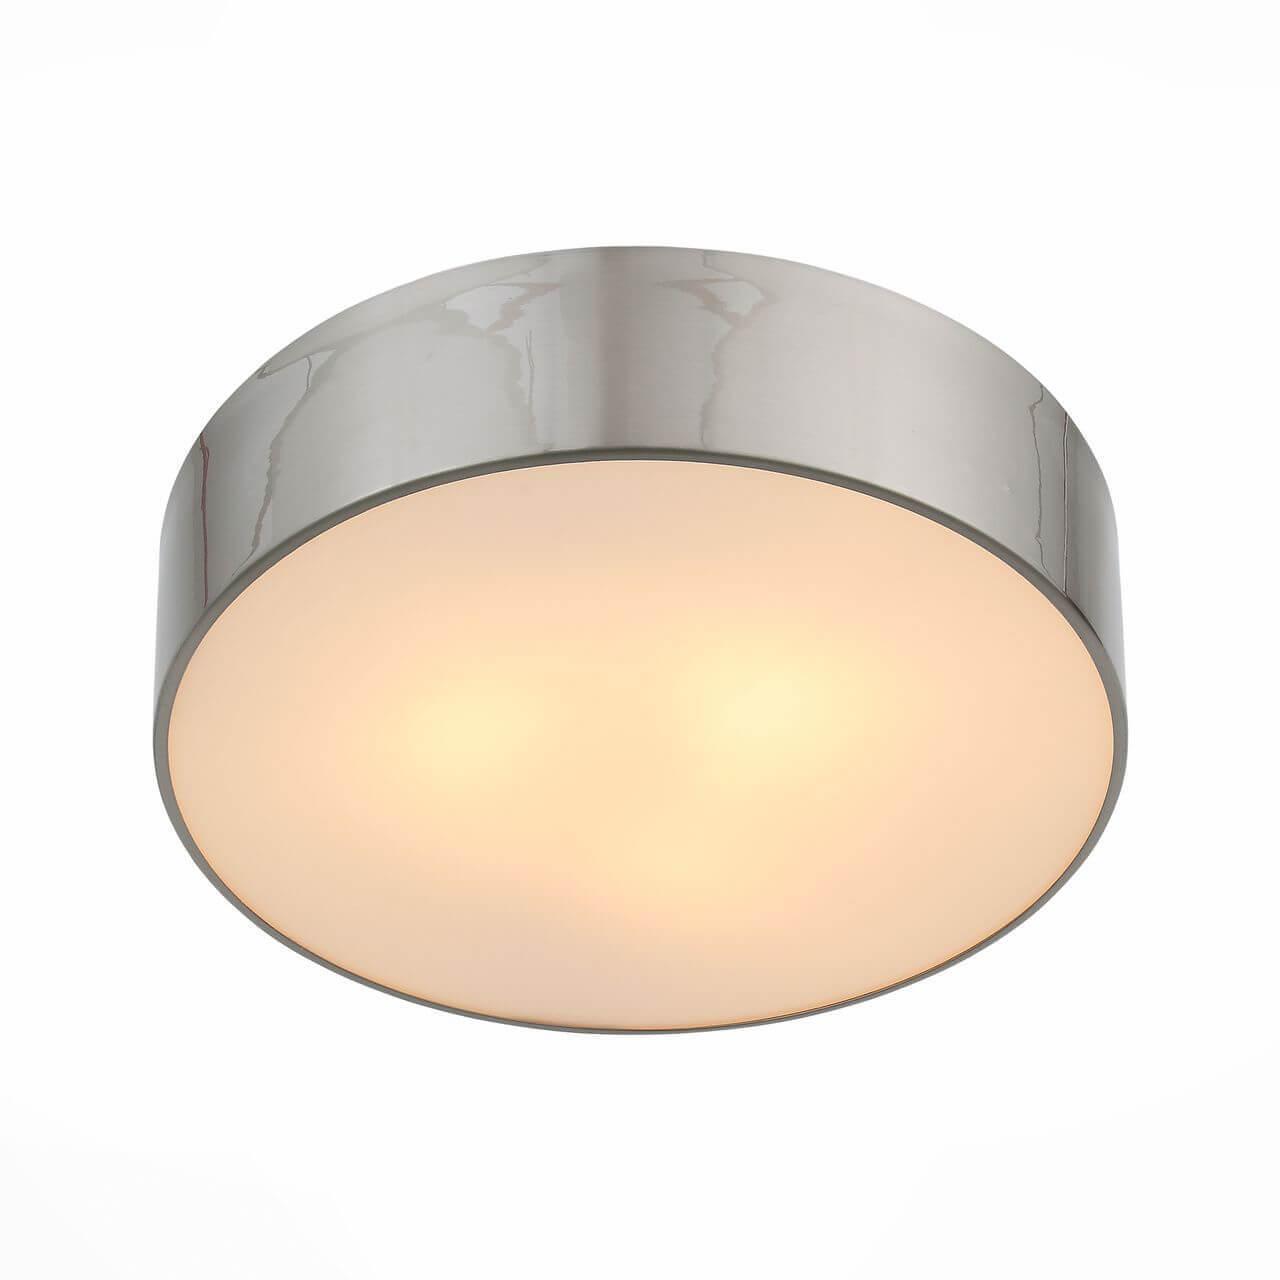 Потолочный светильник ST Luce Bagno SL468.502.02 st luce потолочный светильник st luce bagno sl496 502 03